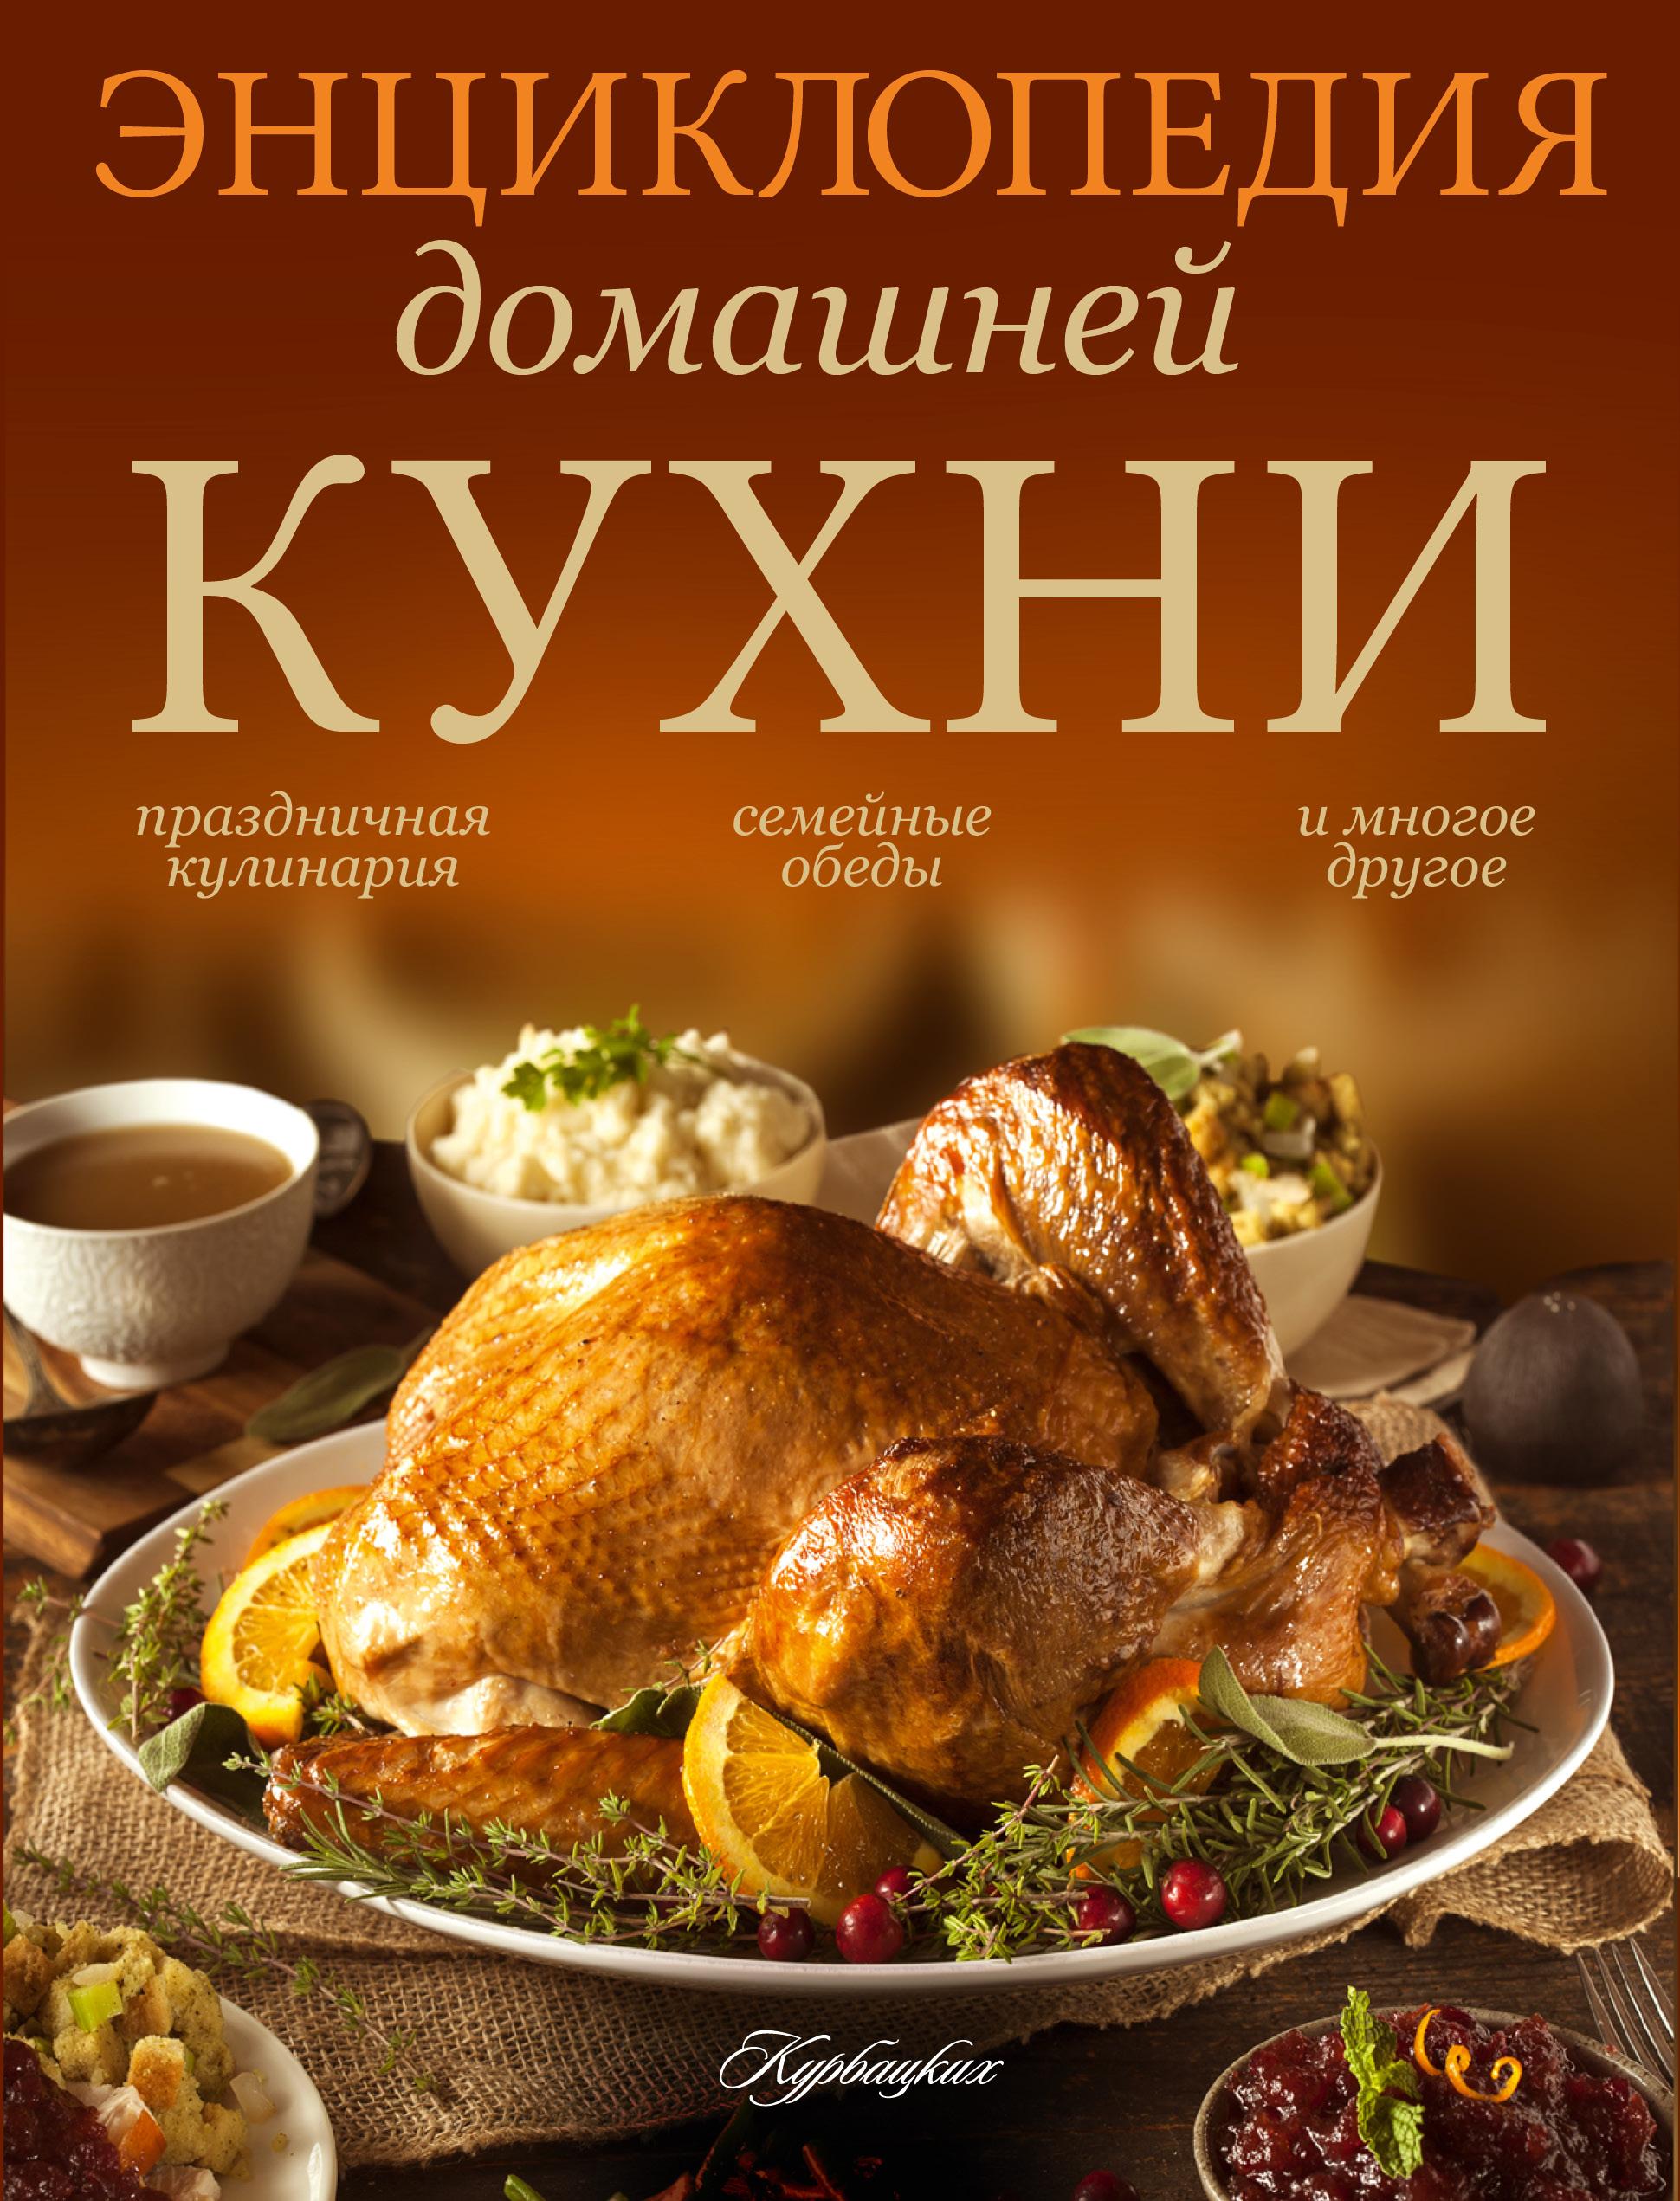 Вкусные меню для воскресных обедов ISBN: 978-5-17-091655-9, 978-5-8029-2877-6 ножи для кухни лучшие